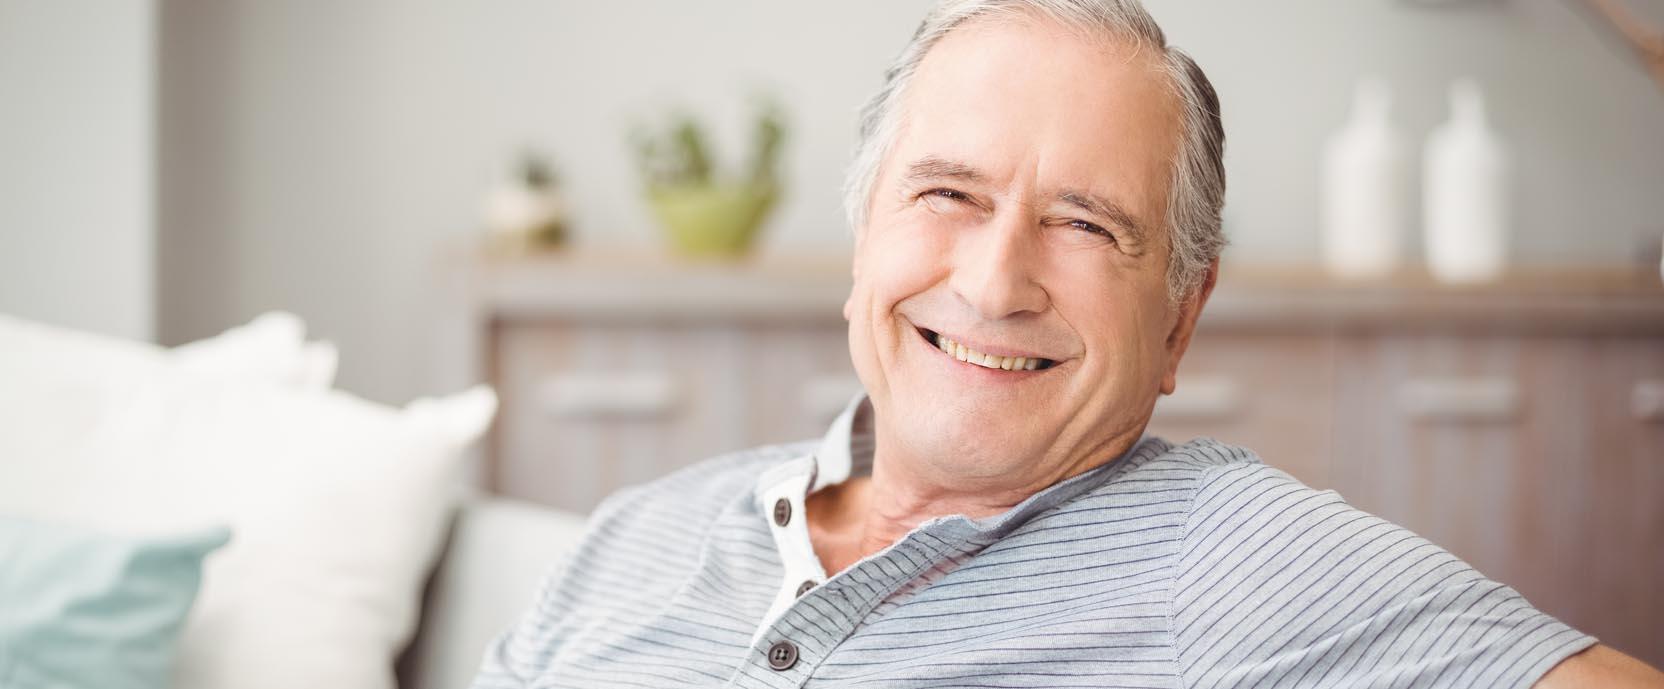 pengobatan pembesaran prostat